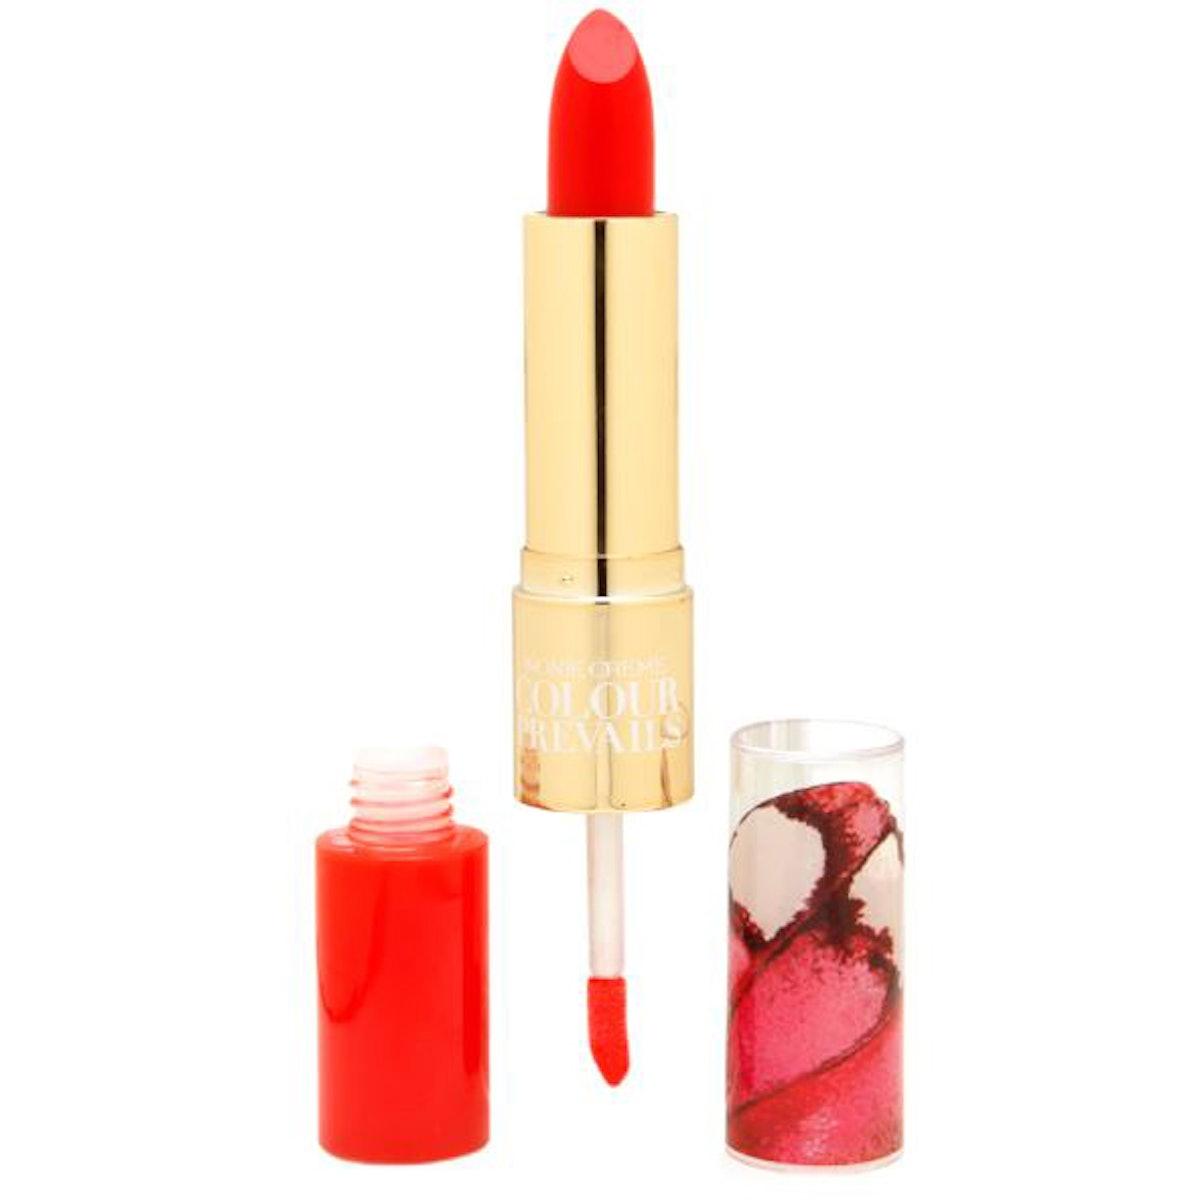 Noni Creme Colour Prevails Class Lip Duo